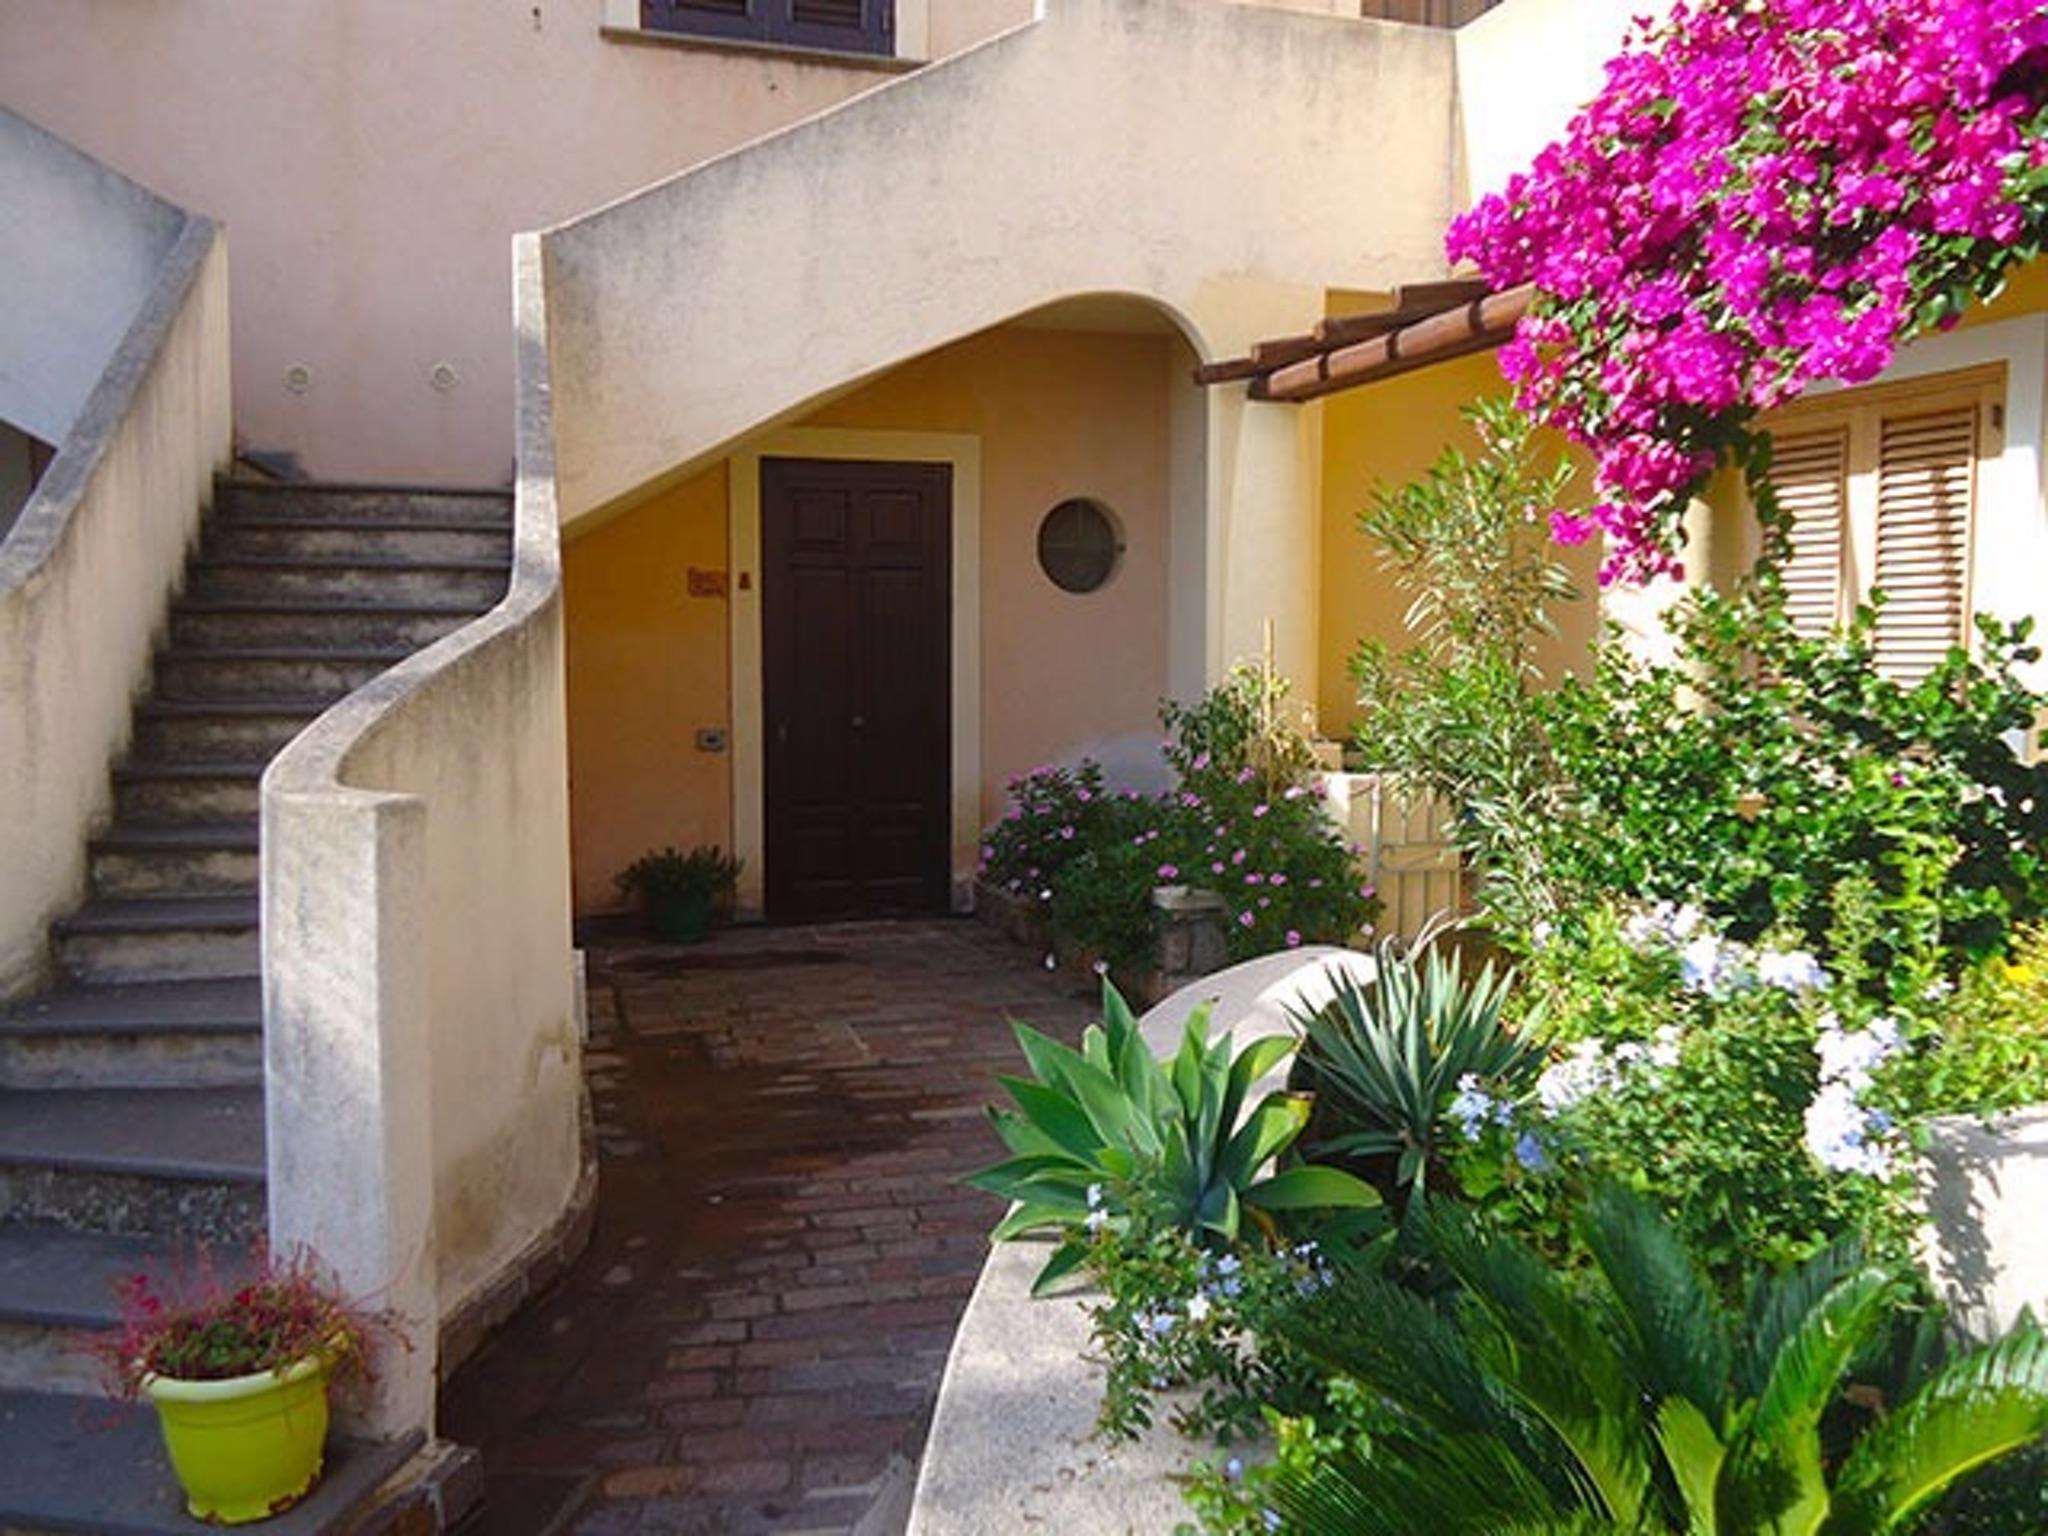 Appartement de vacances Wohnung mit 2 Schlafzimmern in Lipari mit möblierter Terrasse - 20 m vom Strand entfernt (2202323), Lipari, Lipari, Sicile, Italie, image 11